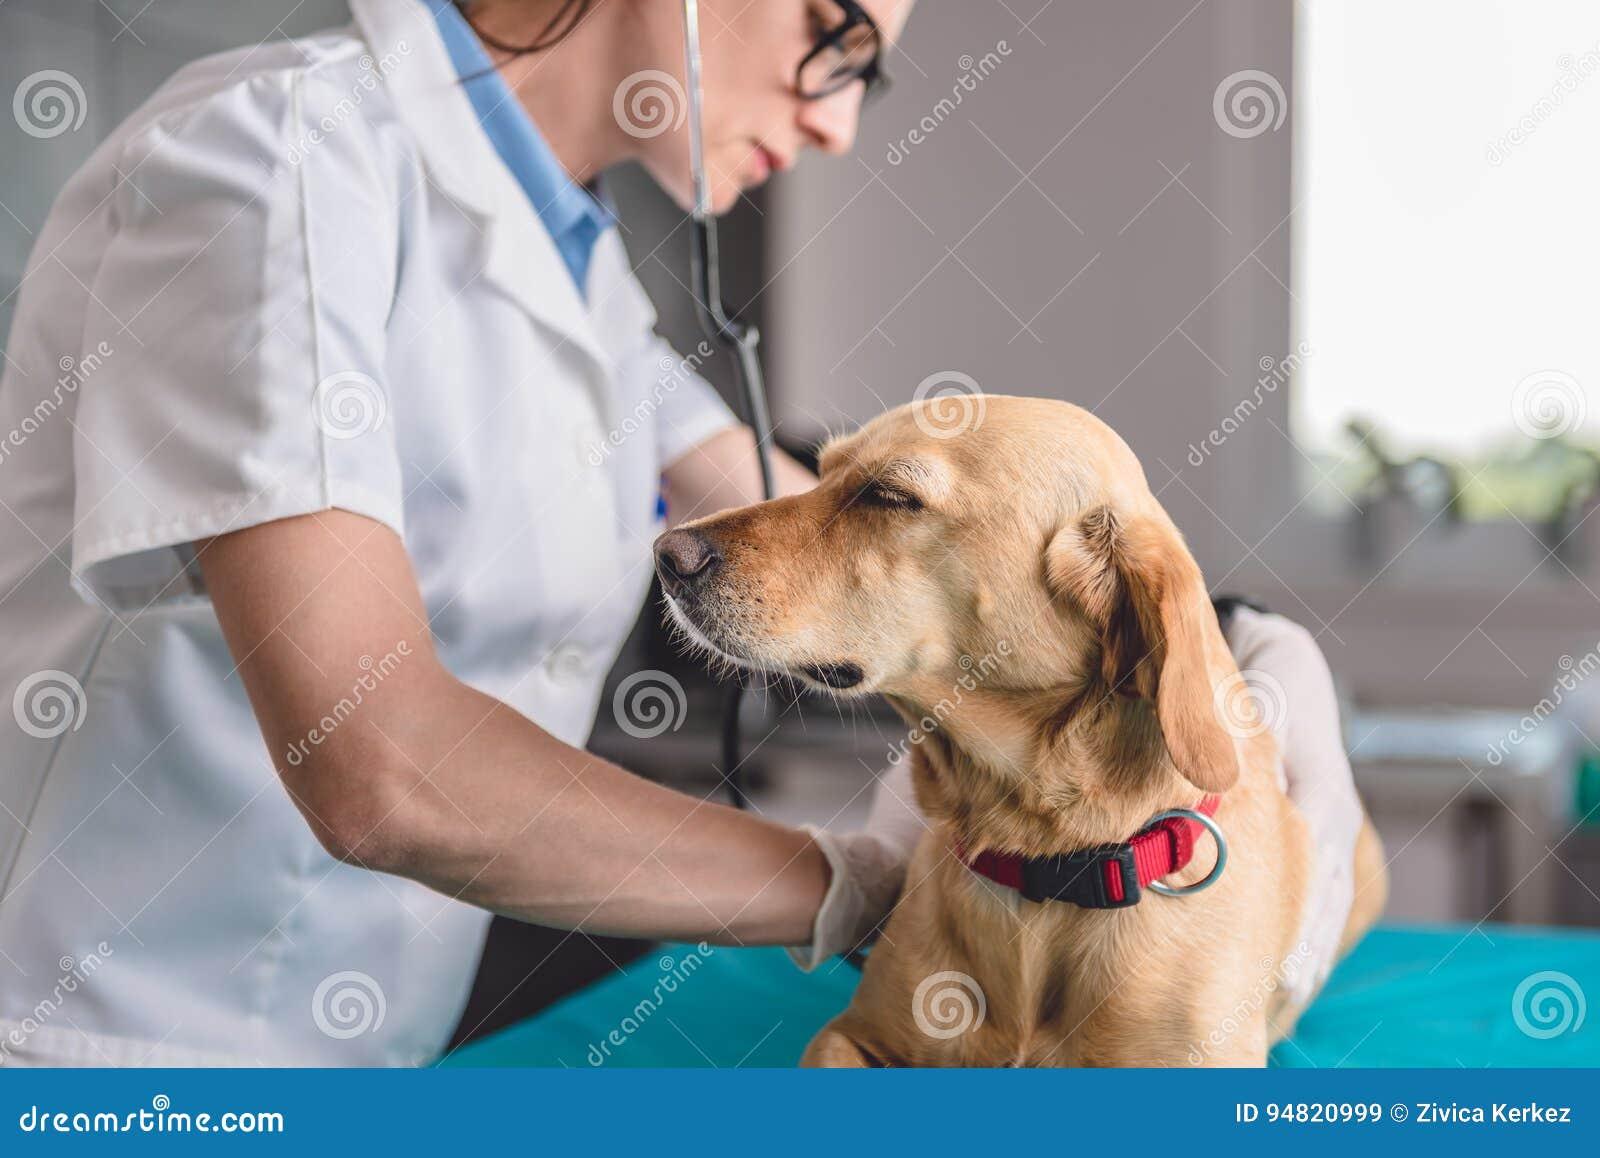 Veterinaire het onderzoeken hond